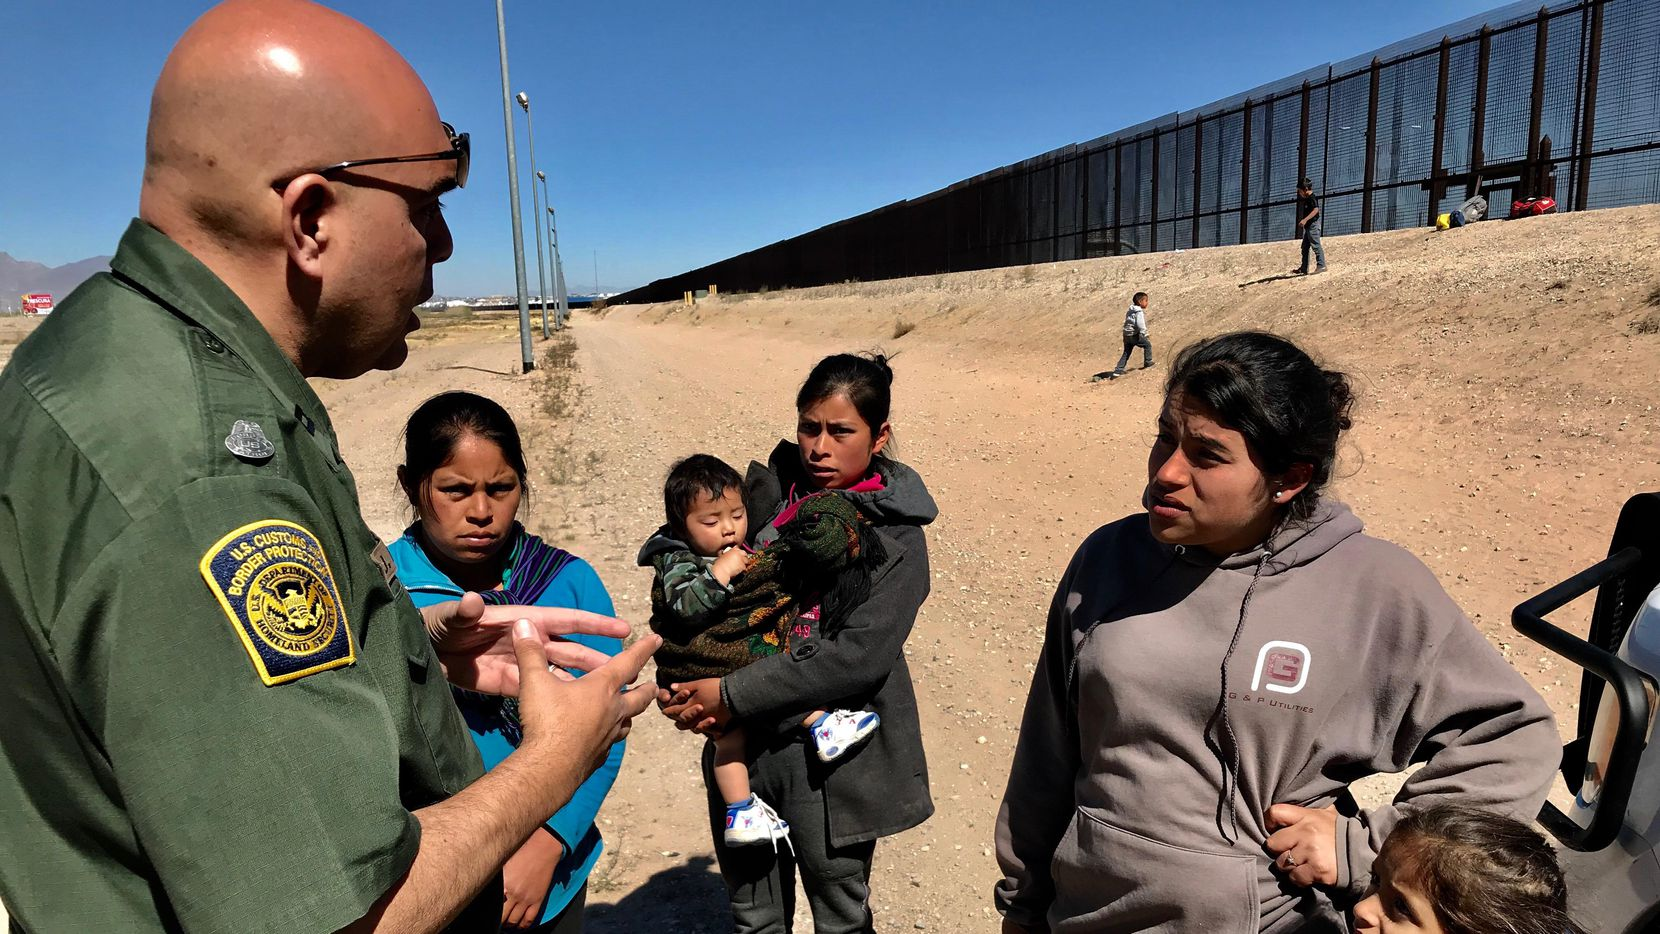 Familias de inmigrantes se entregan a oficiales de la Patrulla Fronteriza en la frontera entre El Paso y Ciudad Juárez. (DMN/ALFREDO CORCHADO)